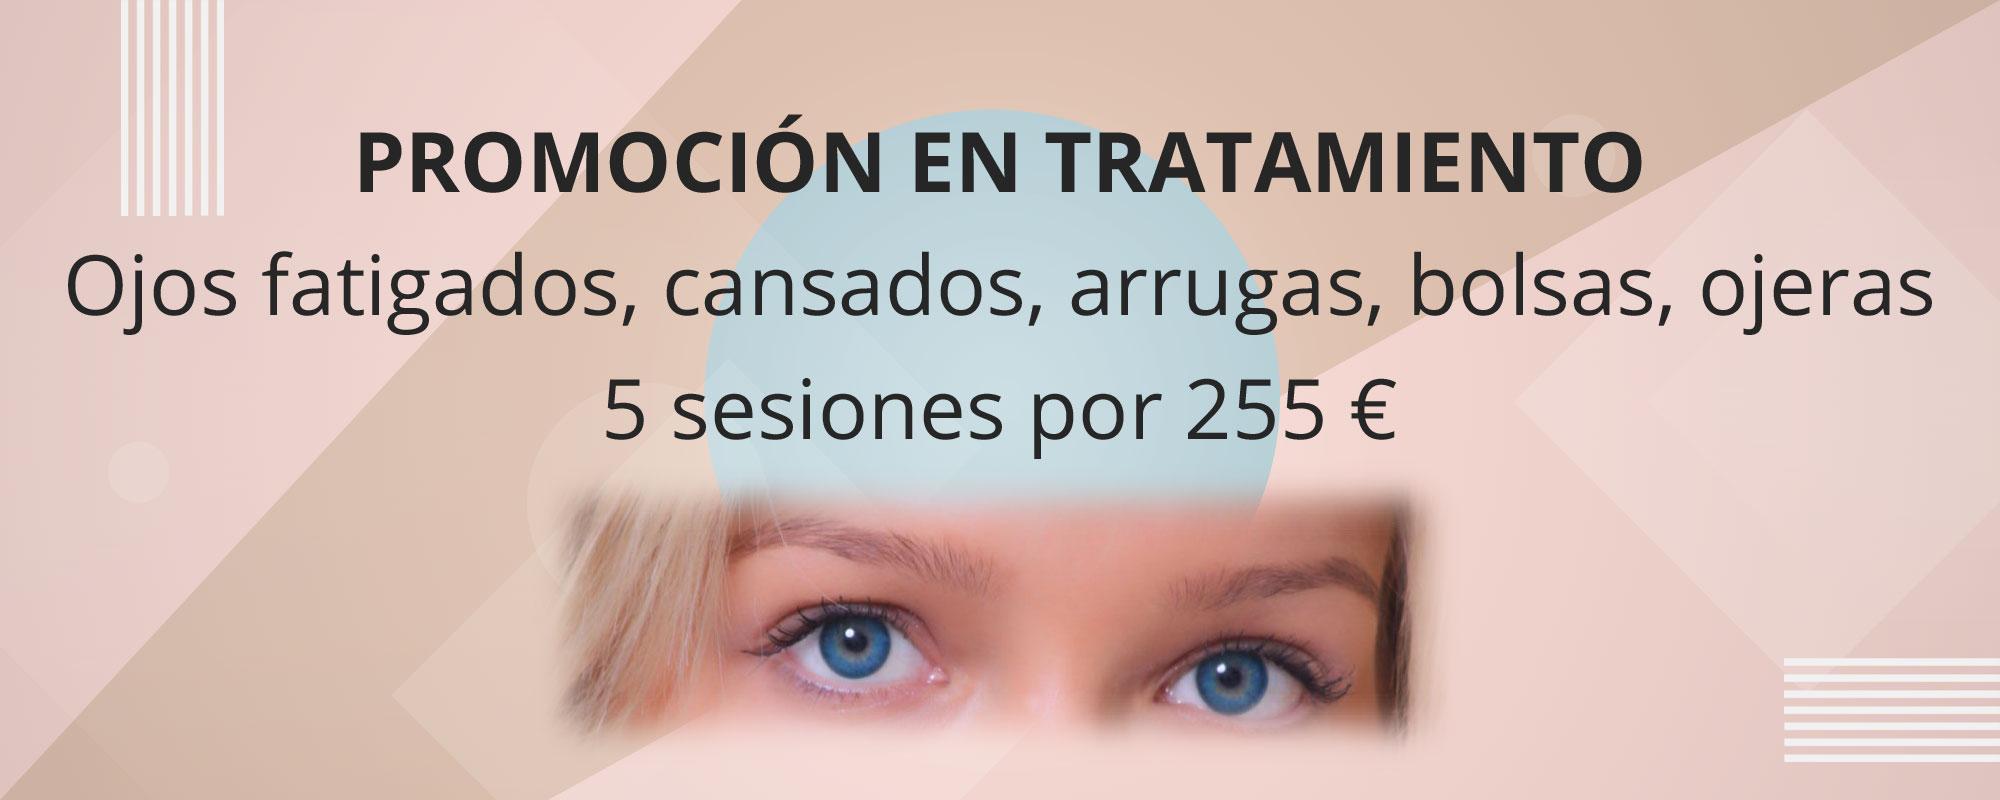 Promoción en tratamiento de ojos